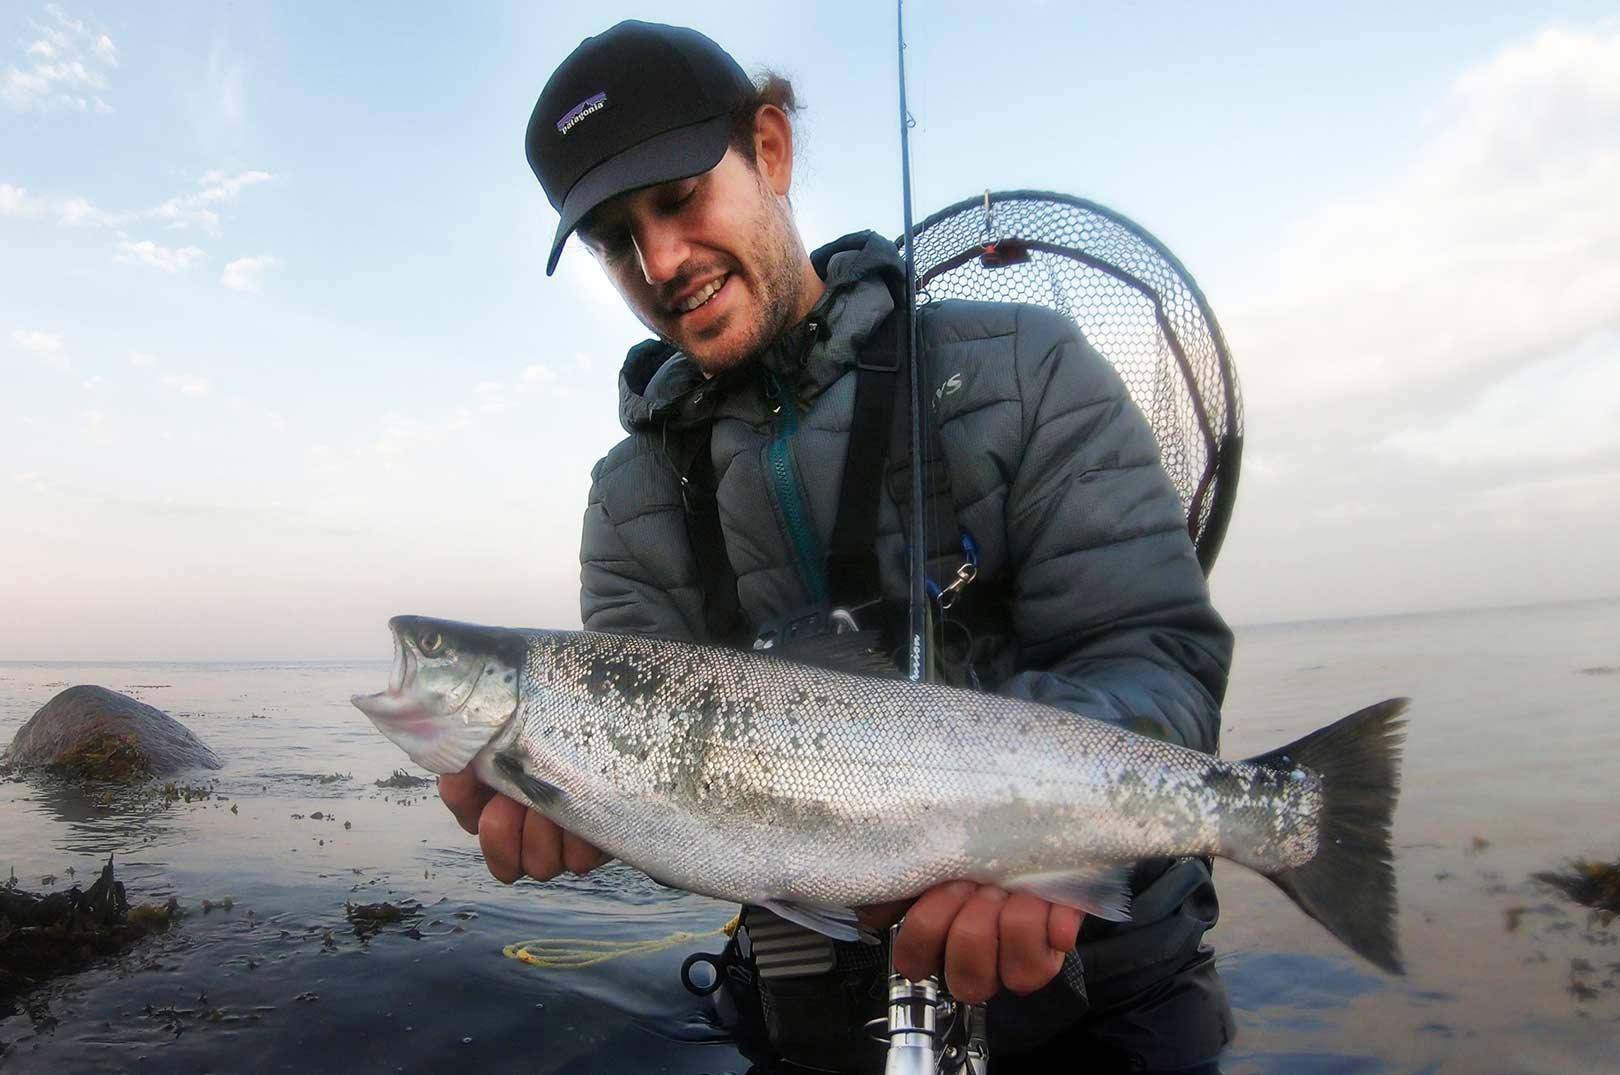 Filippo med sin 50 cm fisk. Øverst Stefano Cirus med sin flotte 70 cm havørred taget på kystwobler.